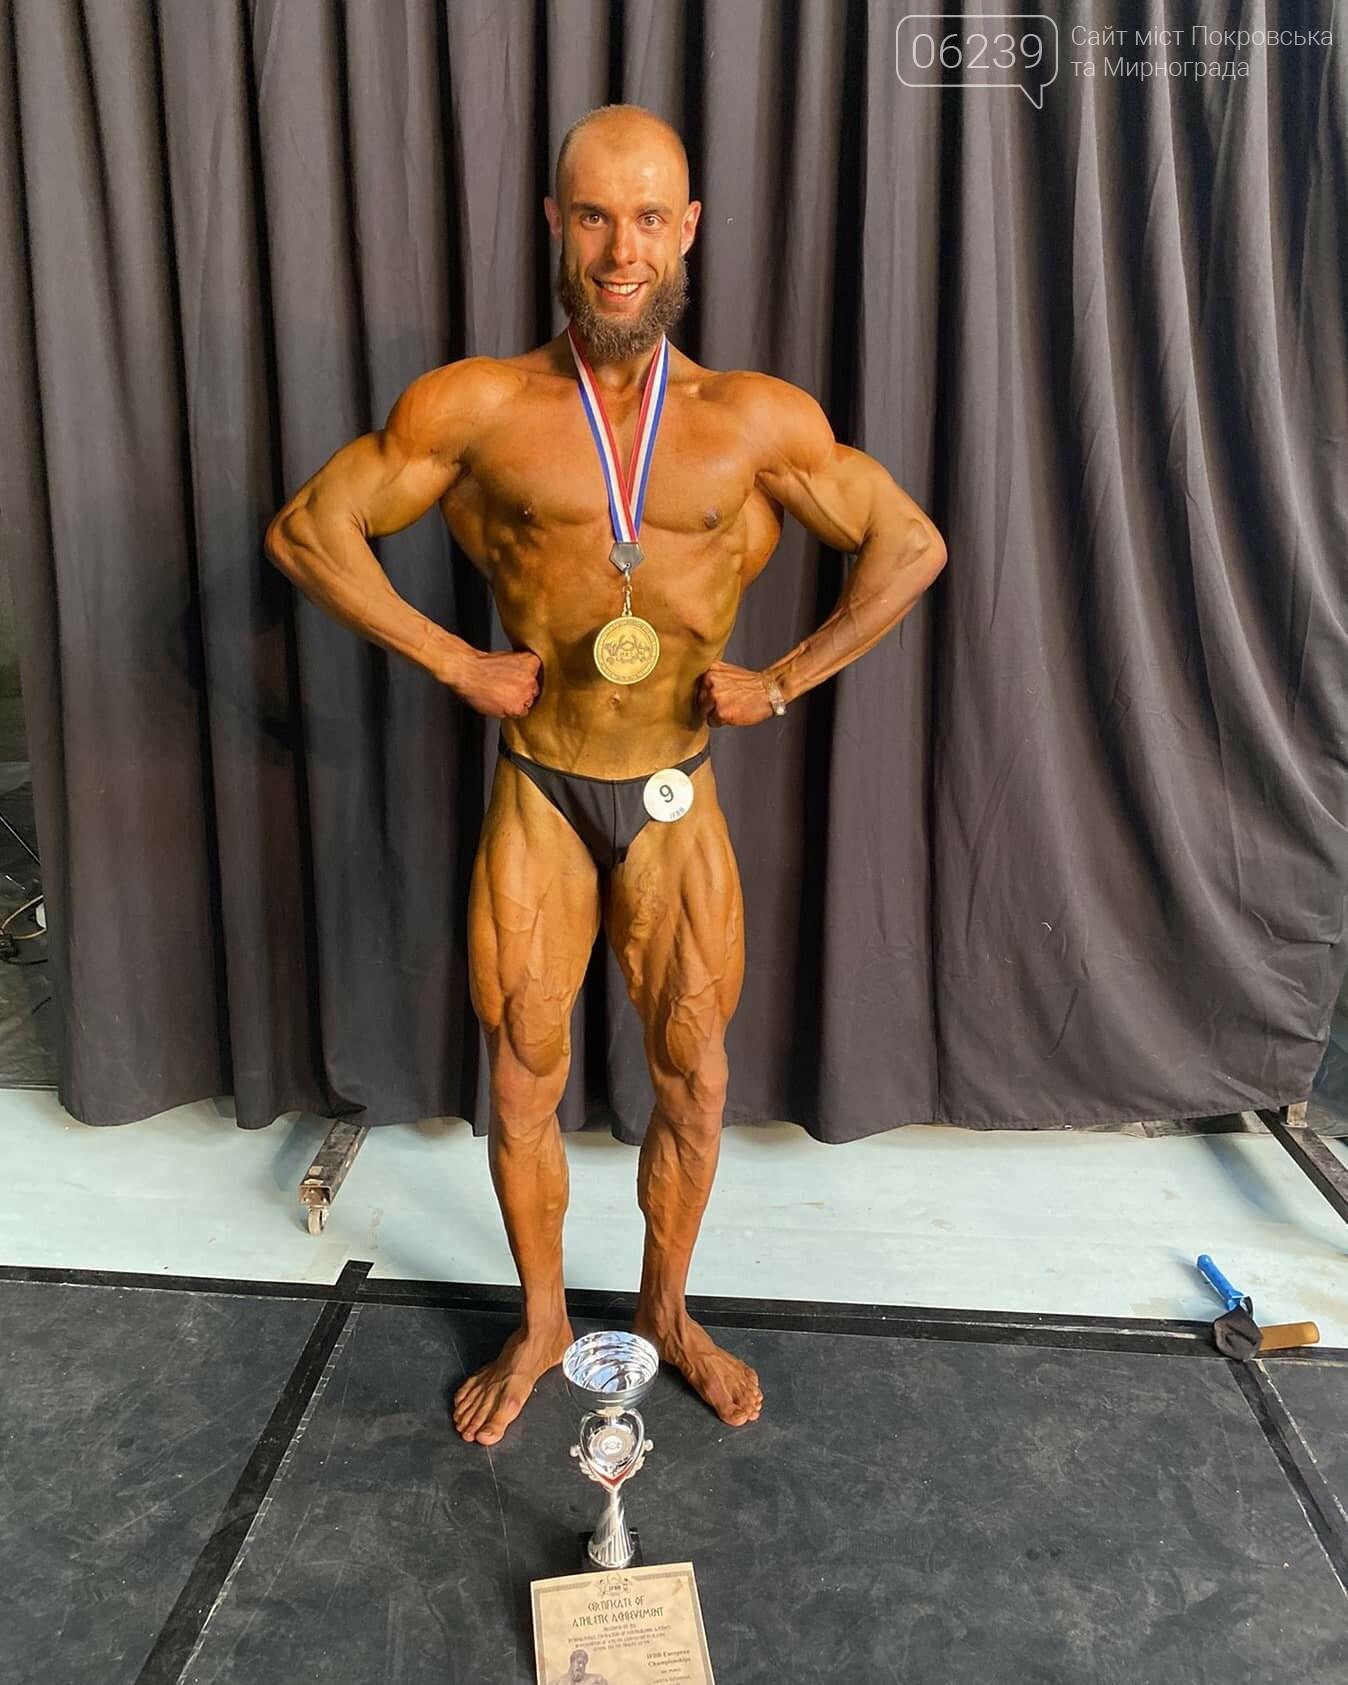 Уроженец Покровска Максим Говберг завоевал золотую медаль на чемпионате Европы по бодибилдингу, фото-8